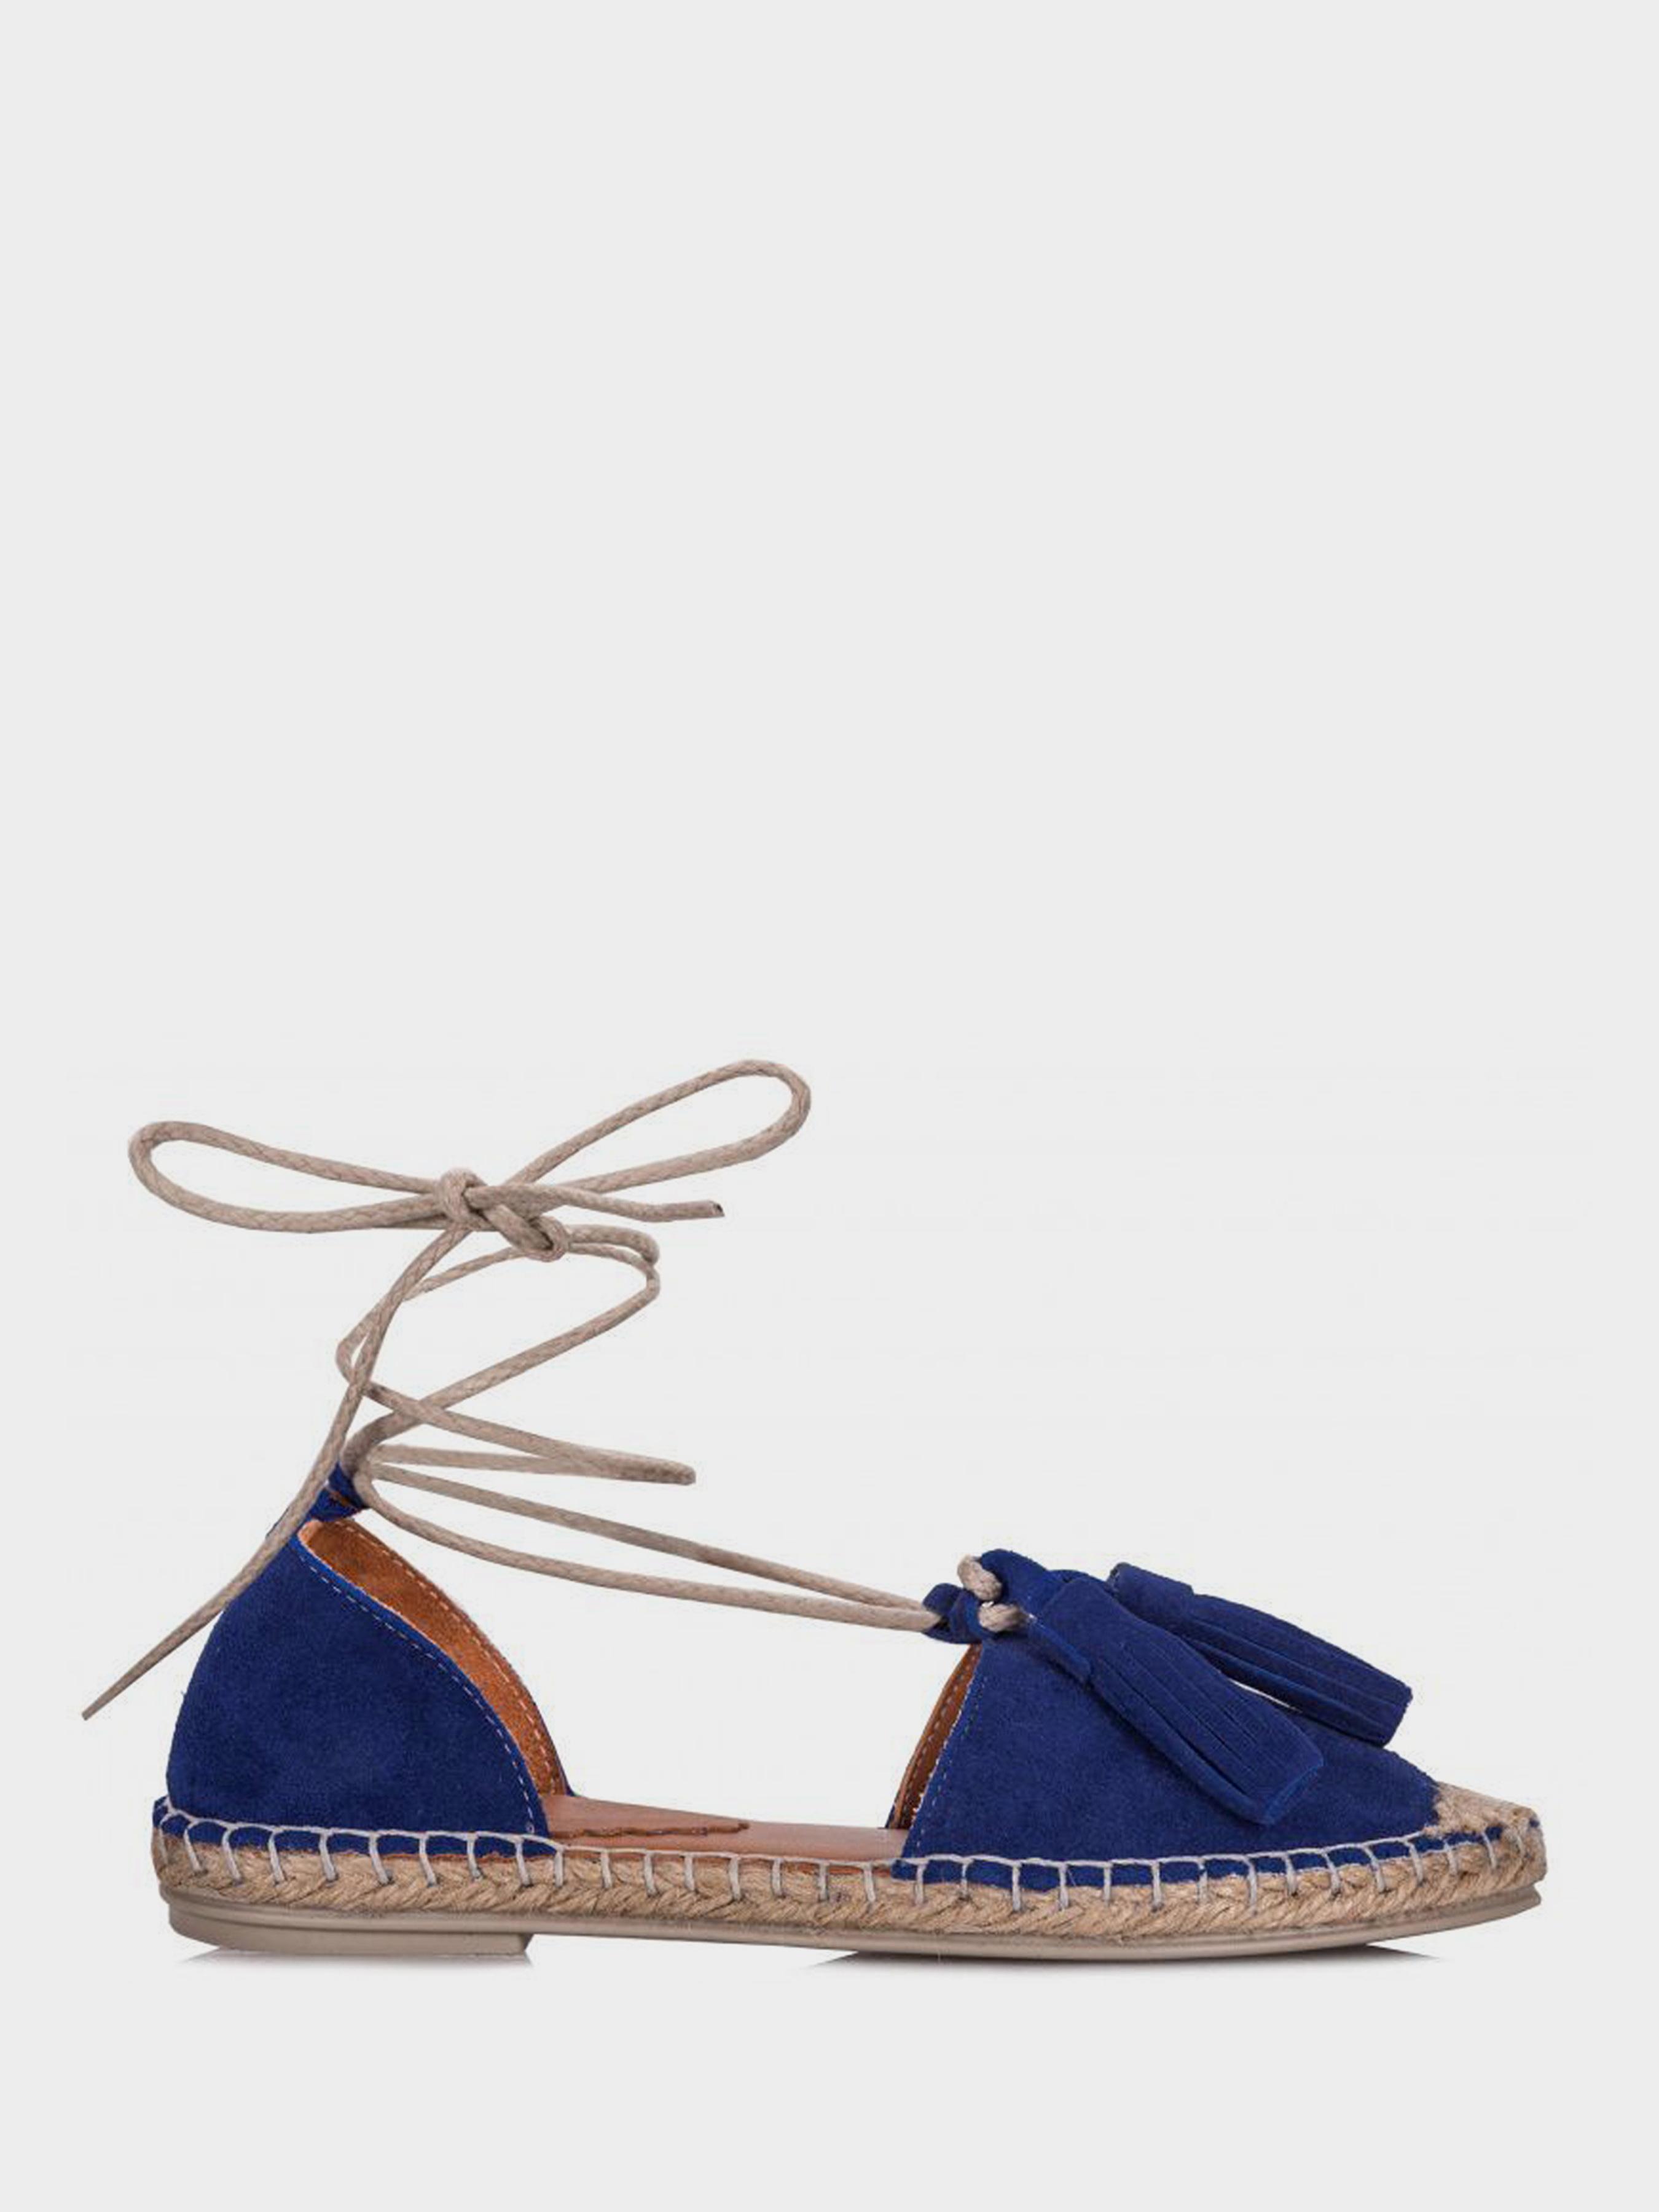 Туфли женские Emmelie Delage 4O65 размерная сетка обуви, 2017